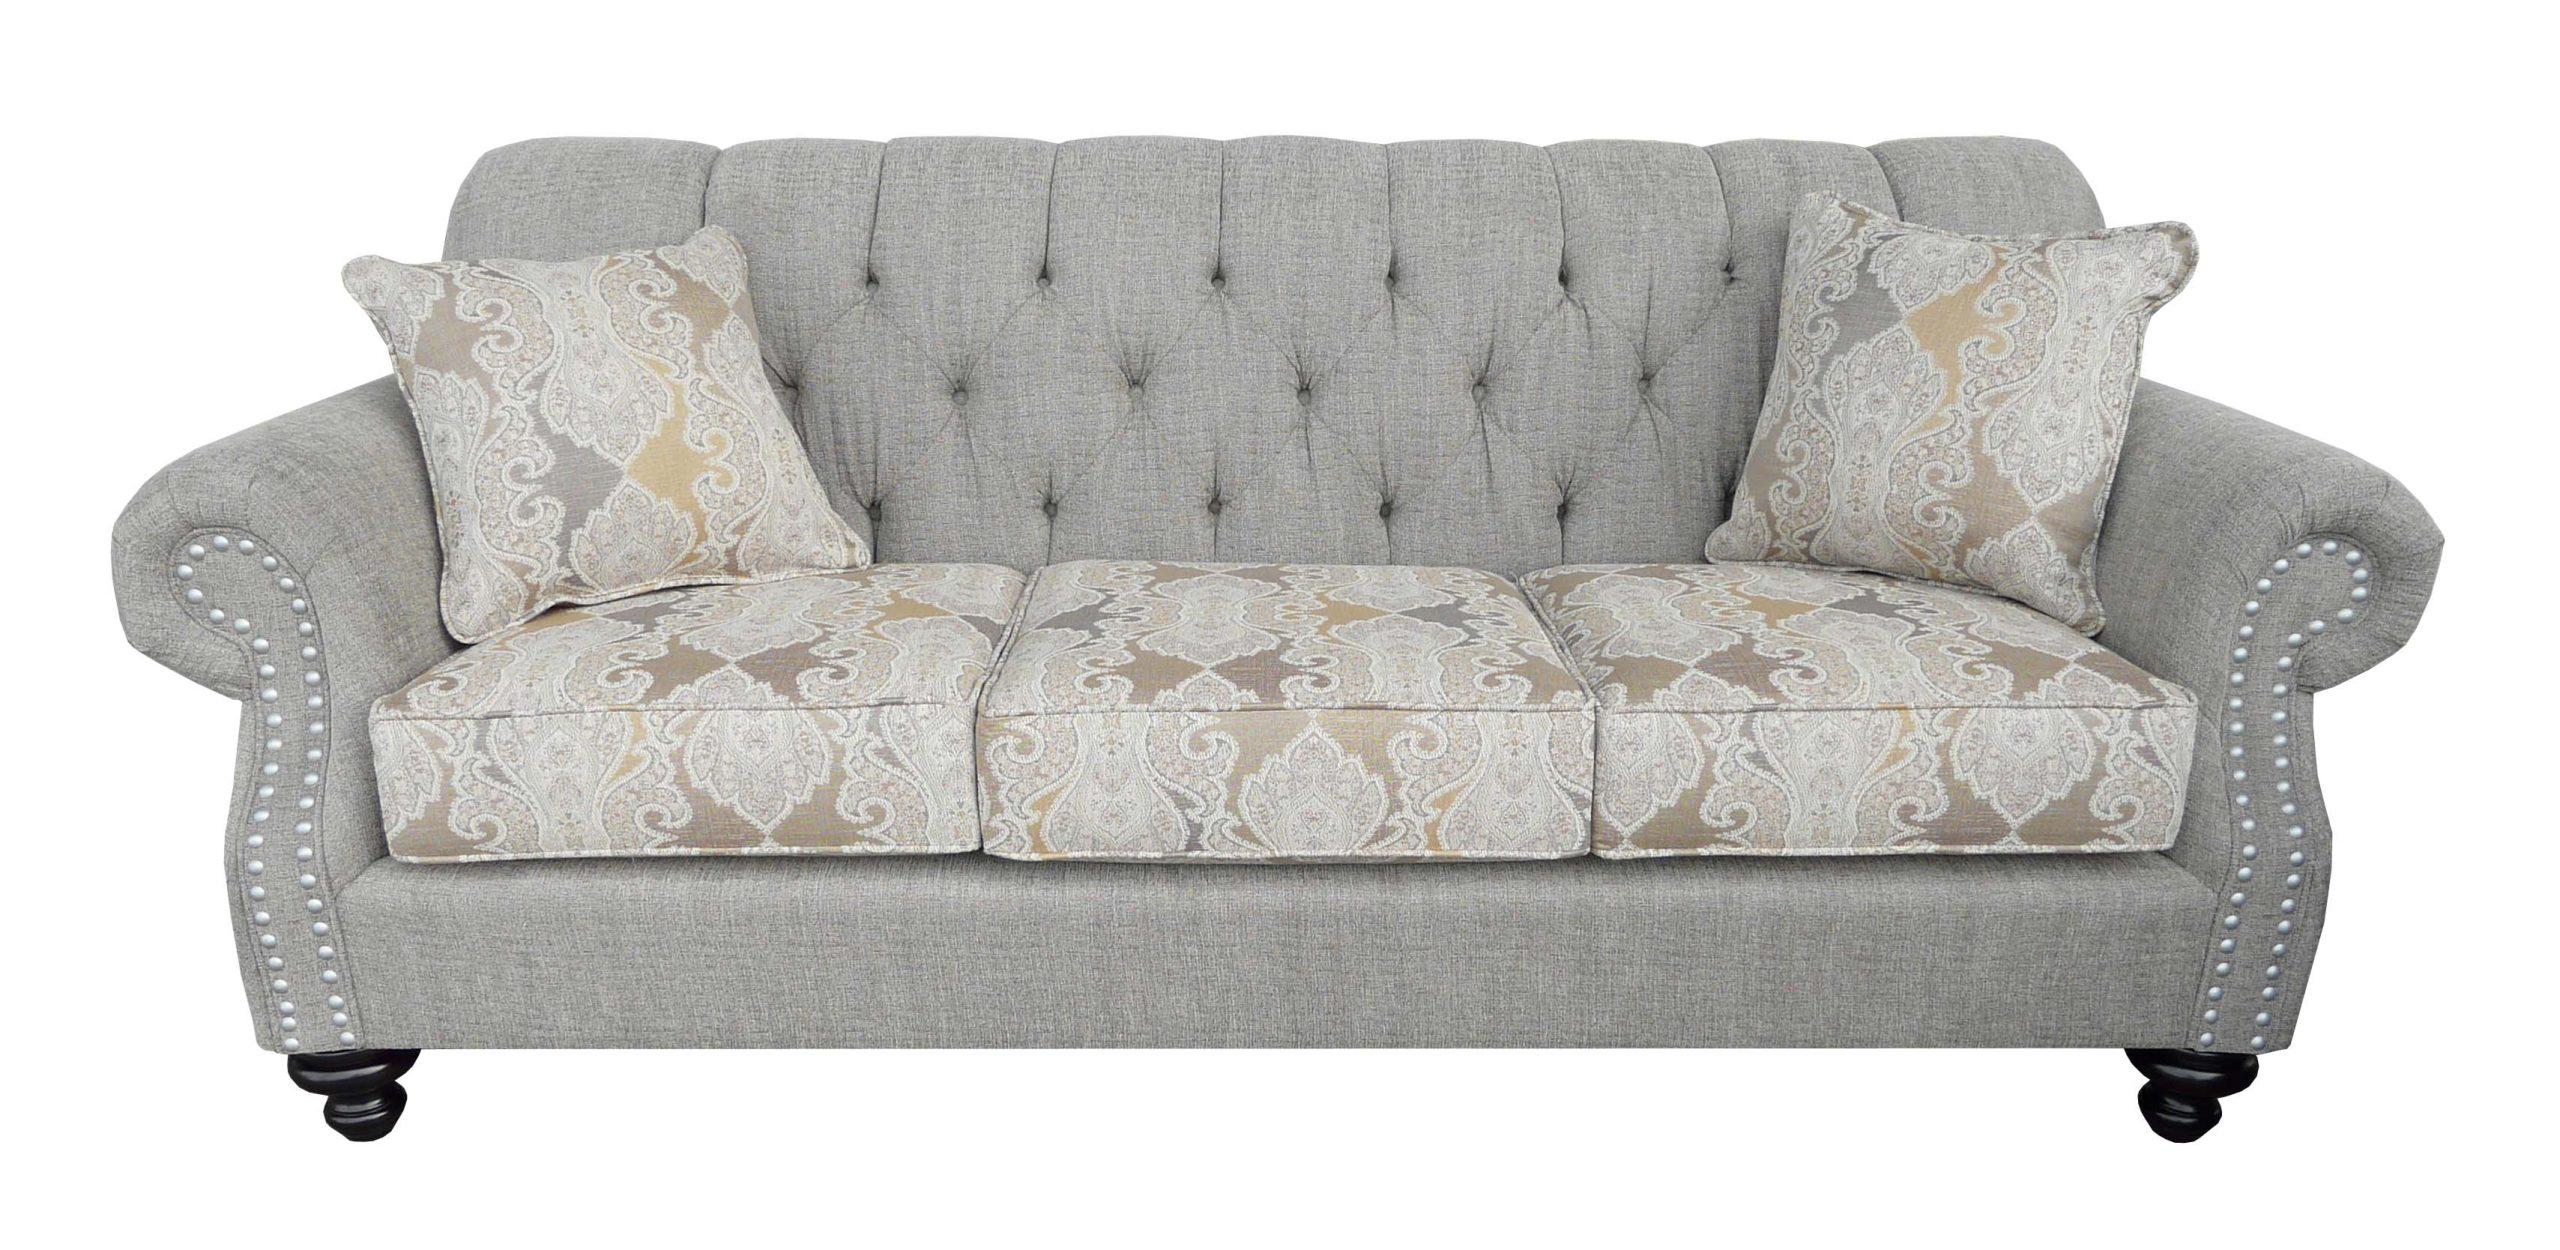 Специализированная химчистка мебели, диванов Люкс